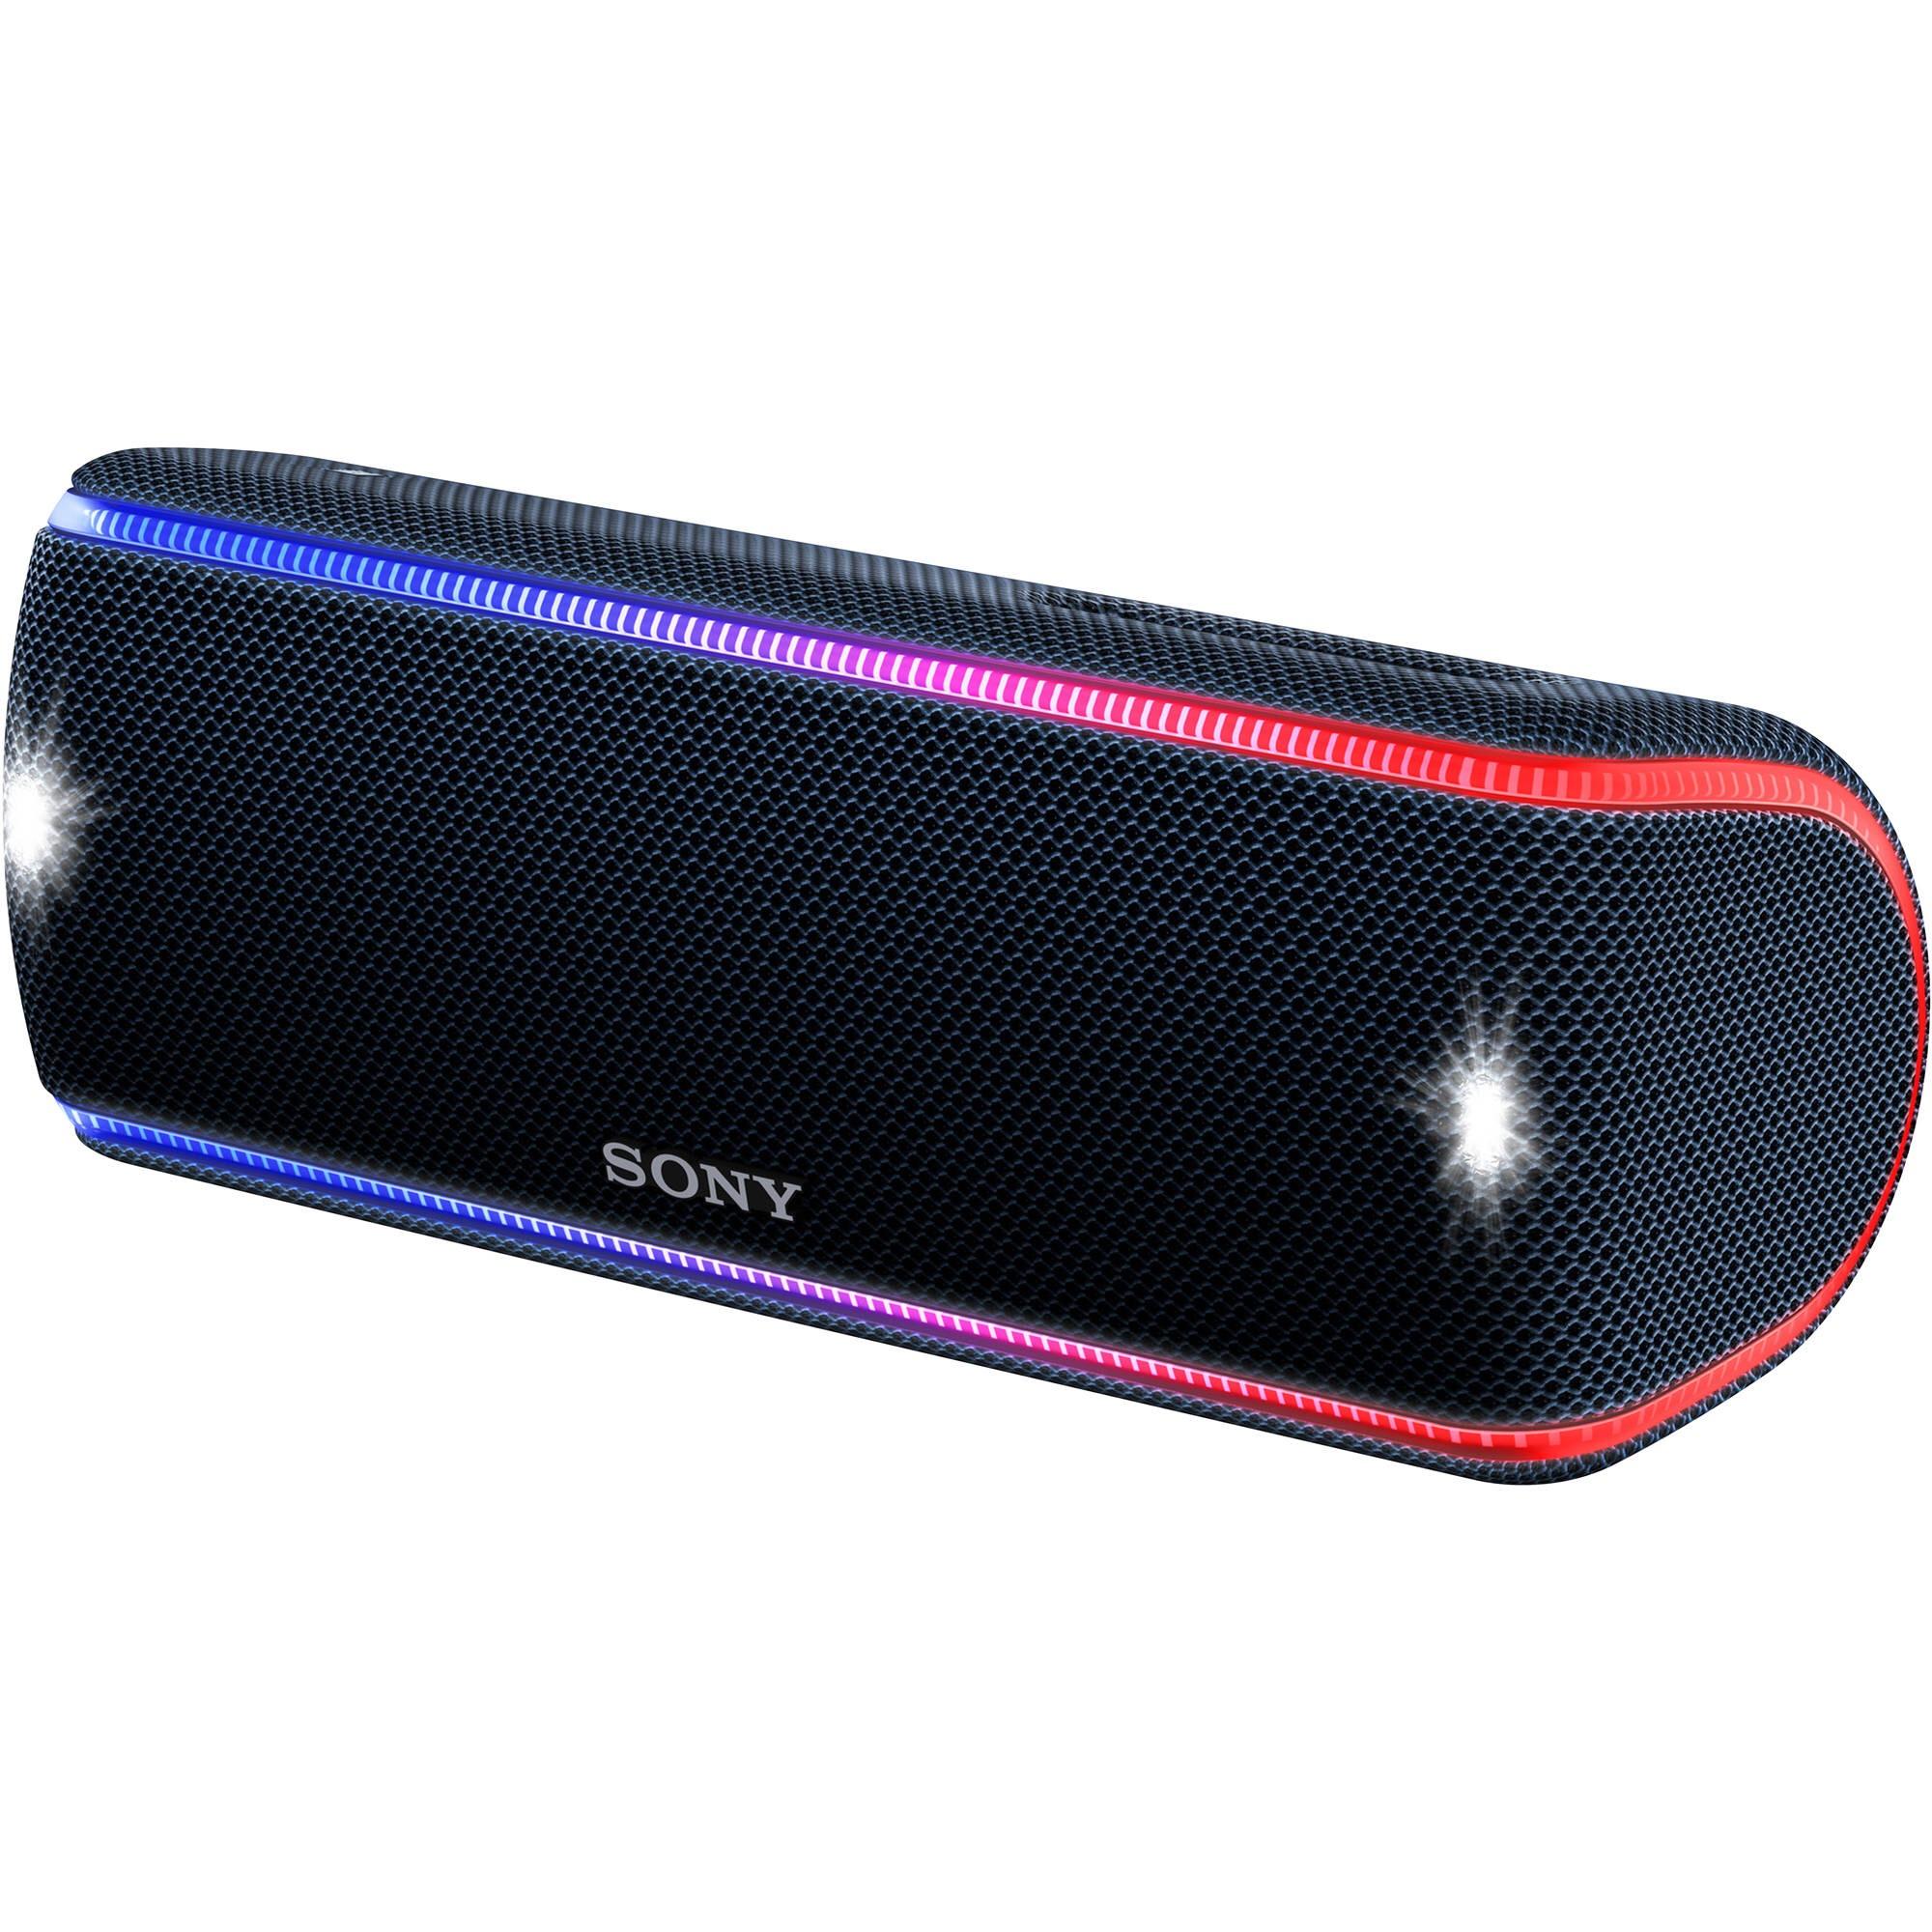 Sony SRS-XB31 / NEU / Media Markt / In allen Farben / Bundesweit & Online